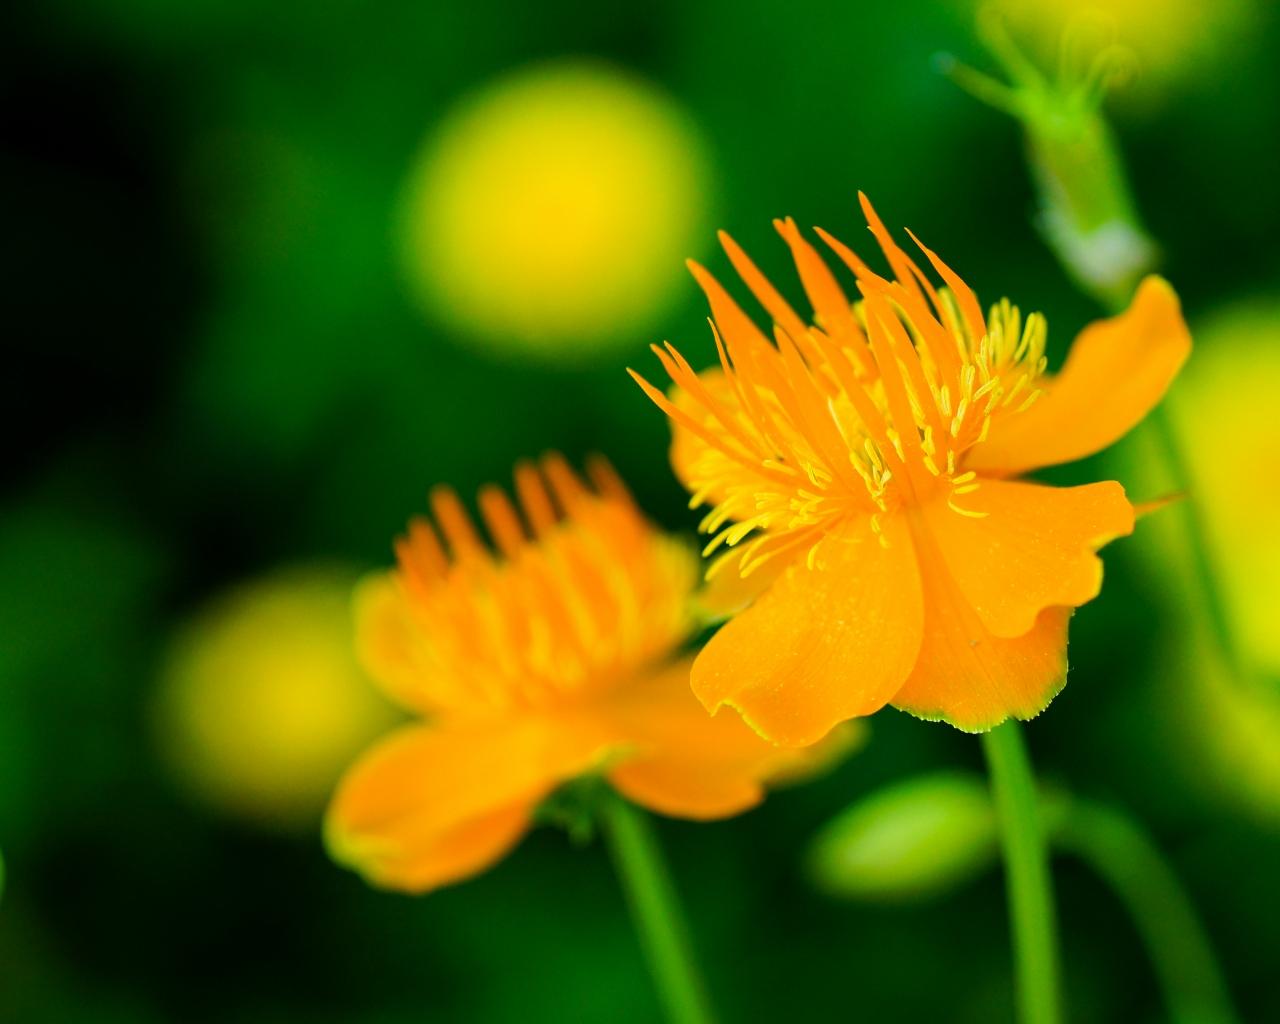 Flores naranjas - 1280x1024